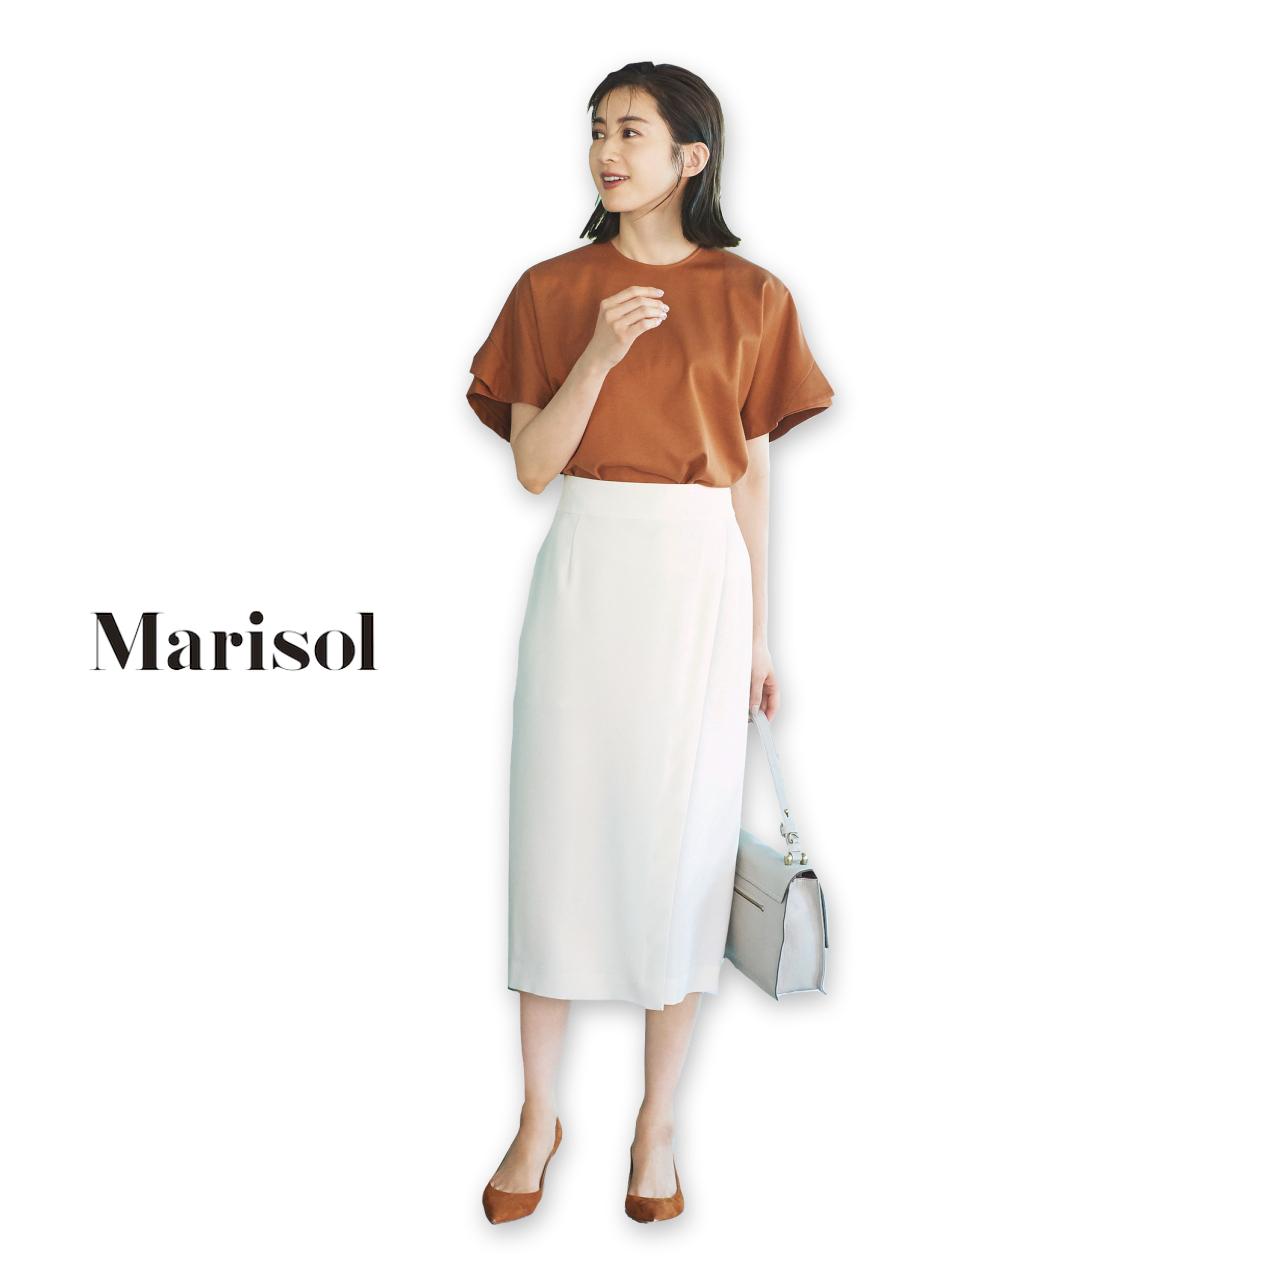 40代ファッション ベージュブラウス×白スカートコーデ